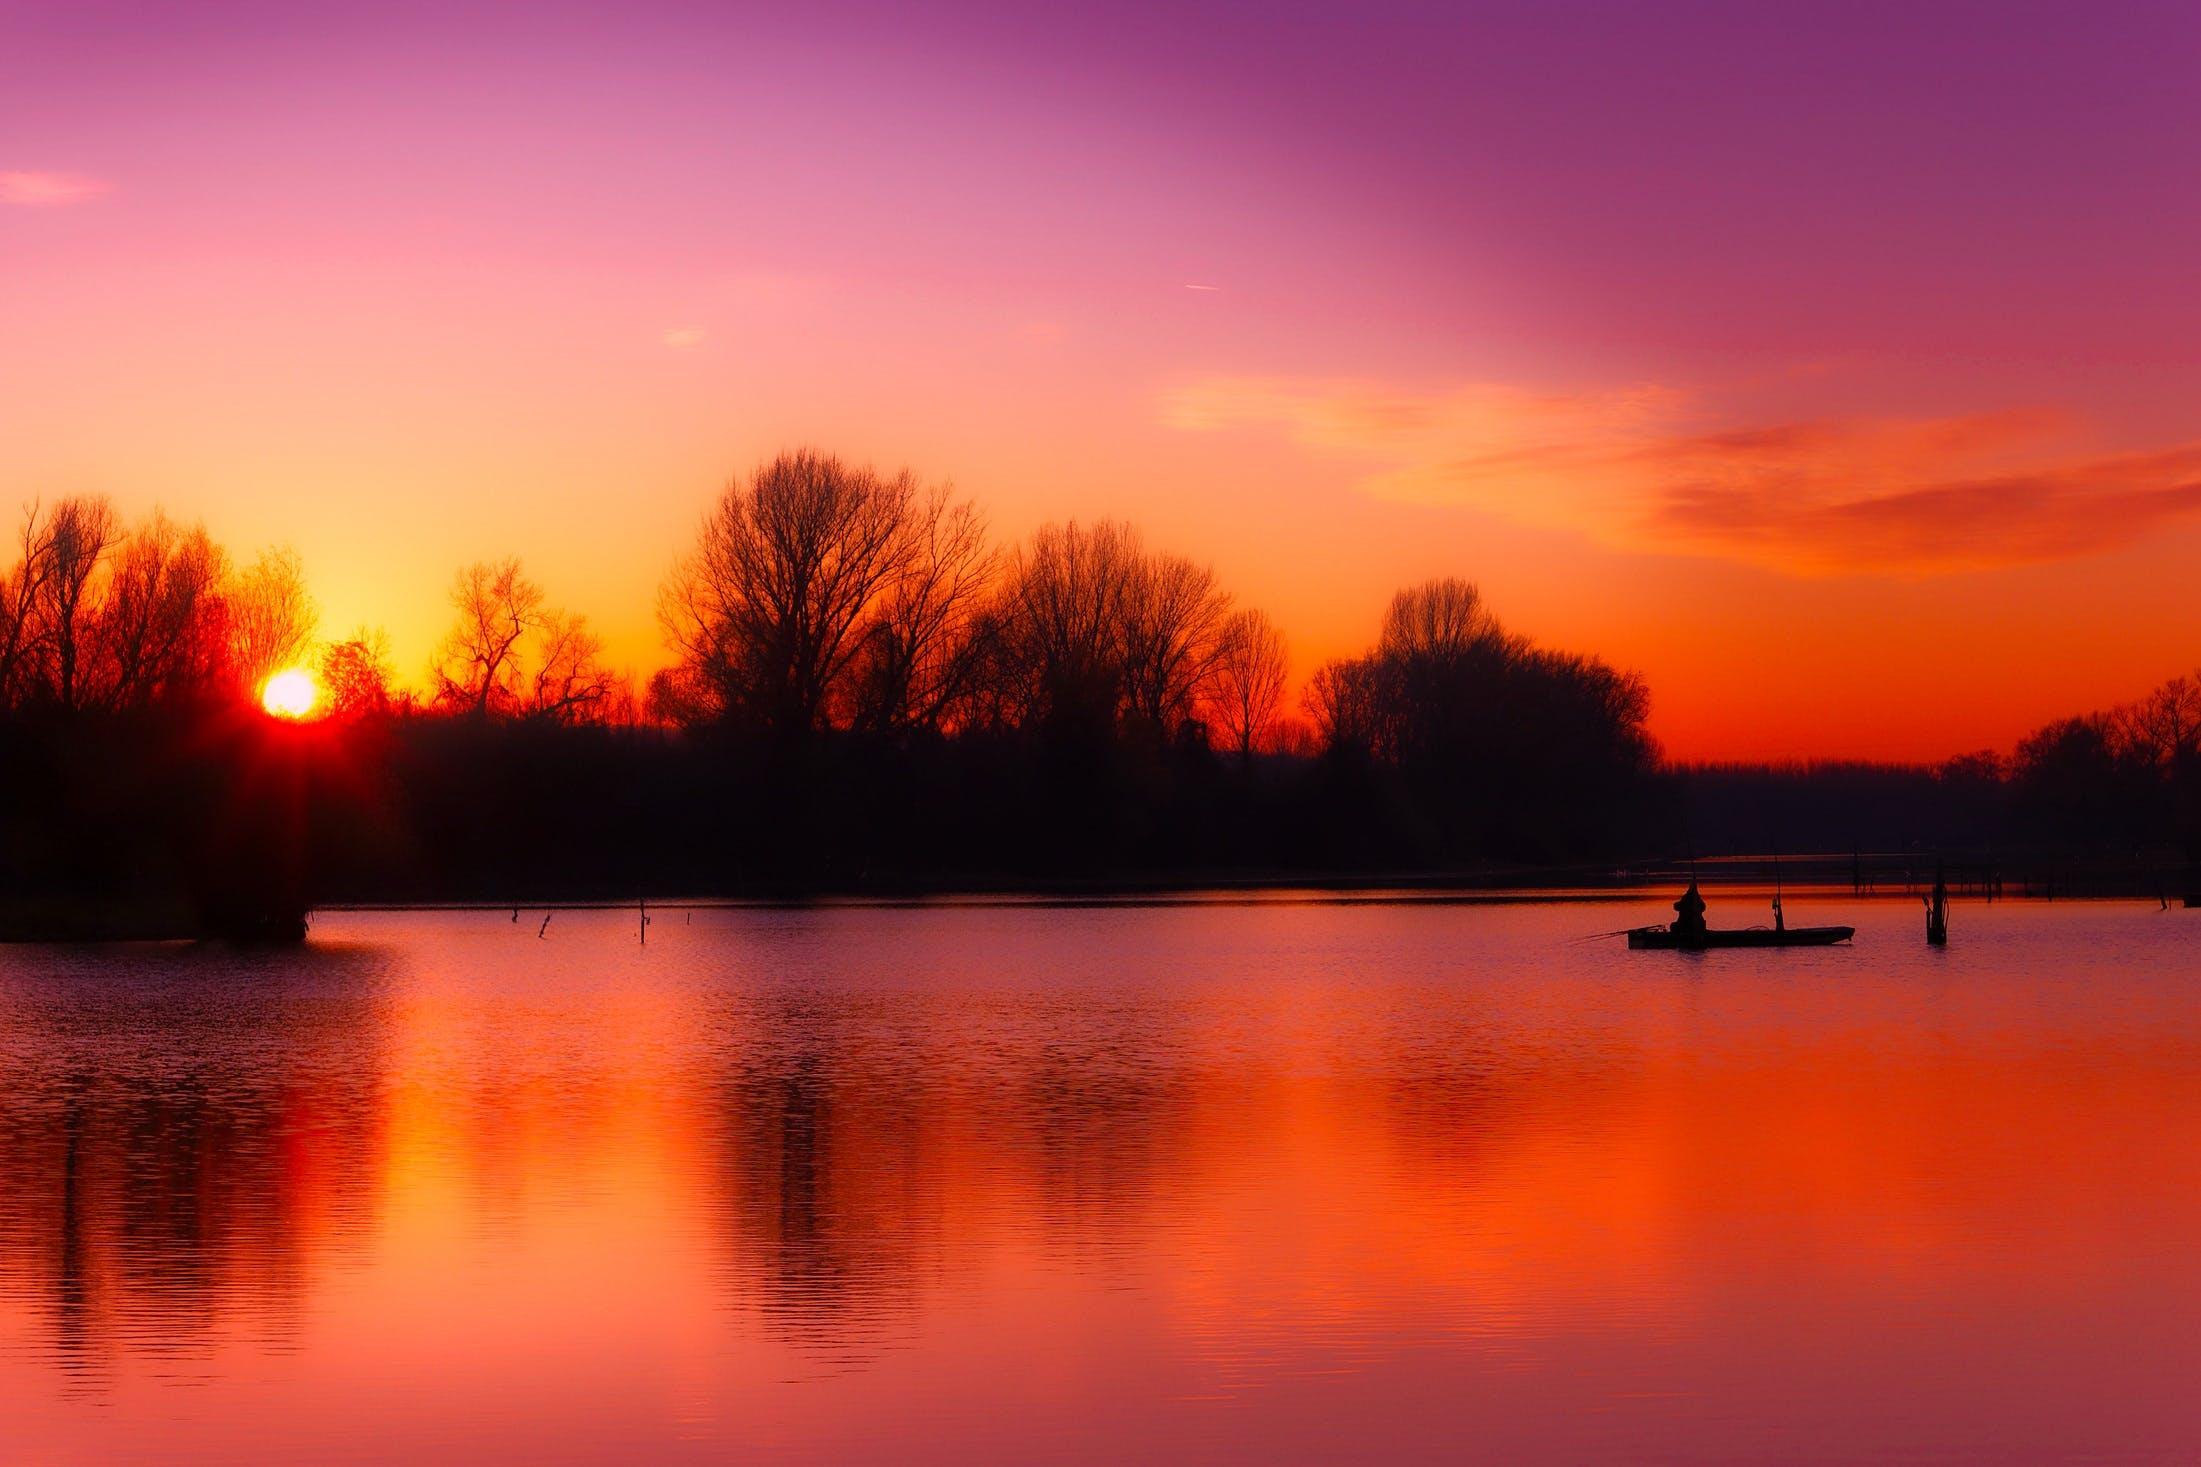 Kostenloses Stock Foto zu abend, angeln, bäume, boot